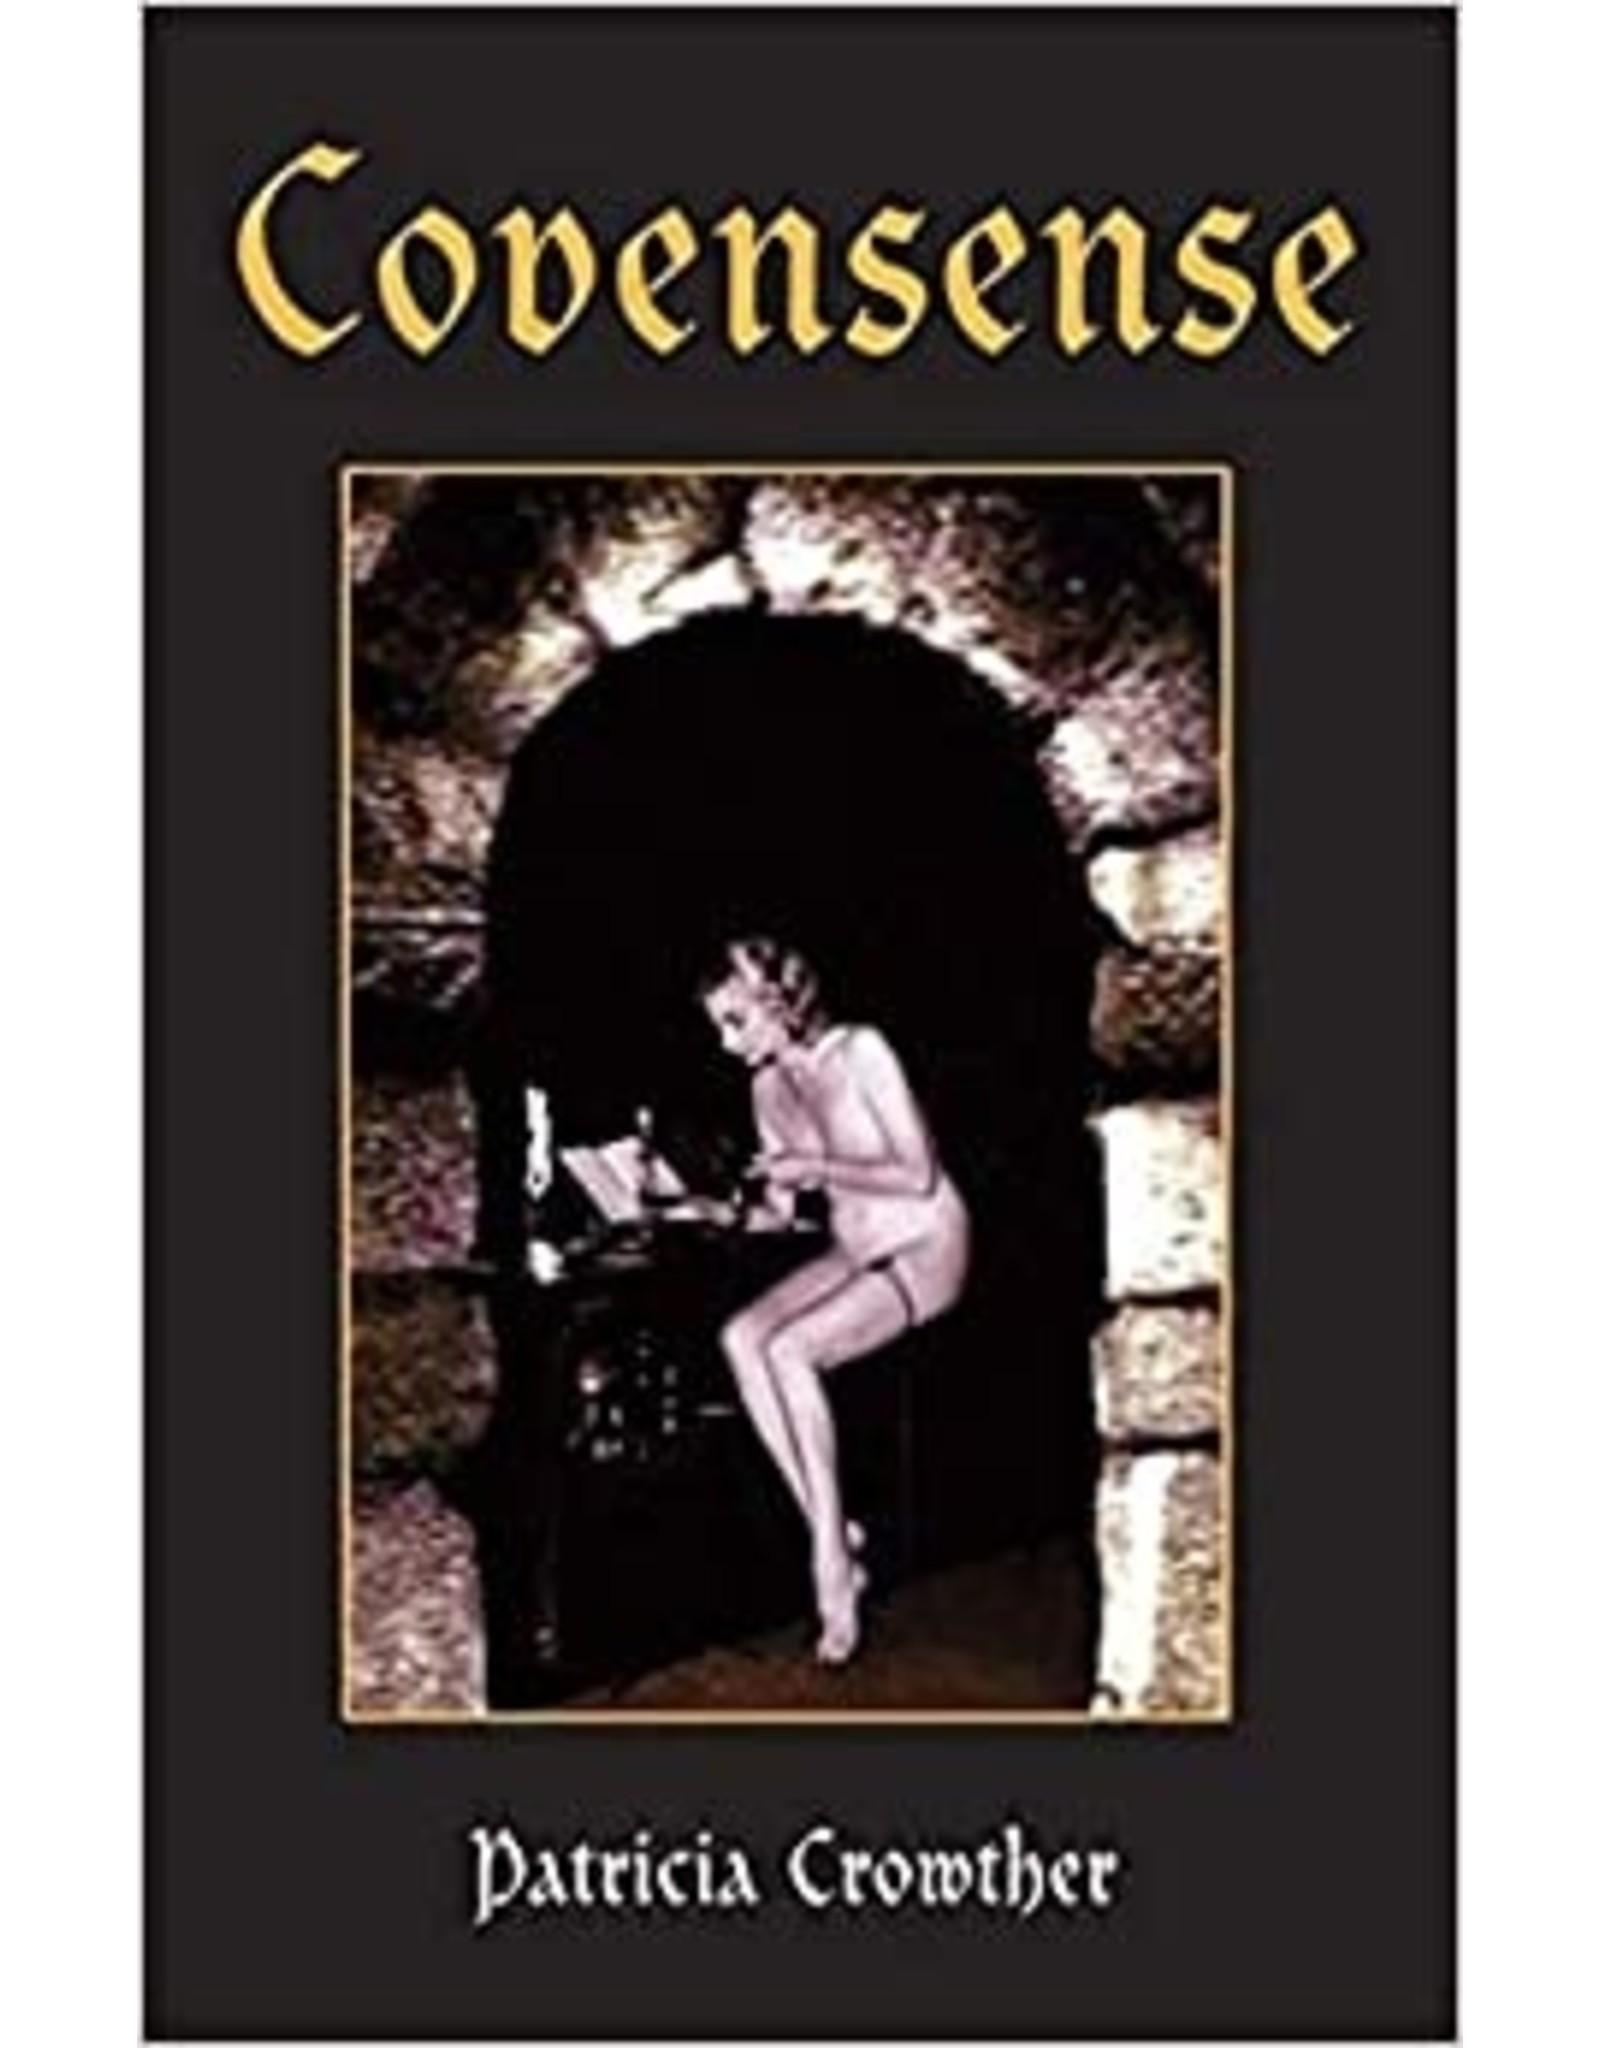 Covensense